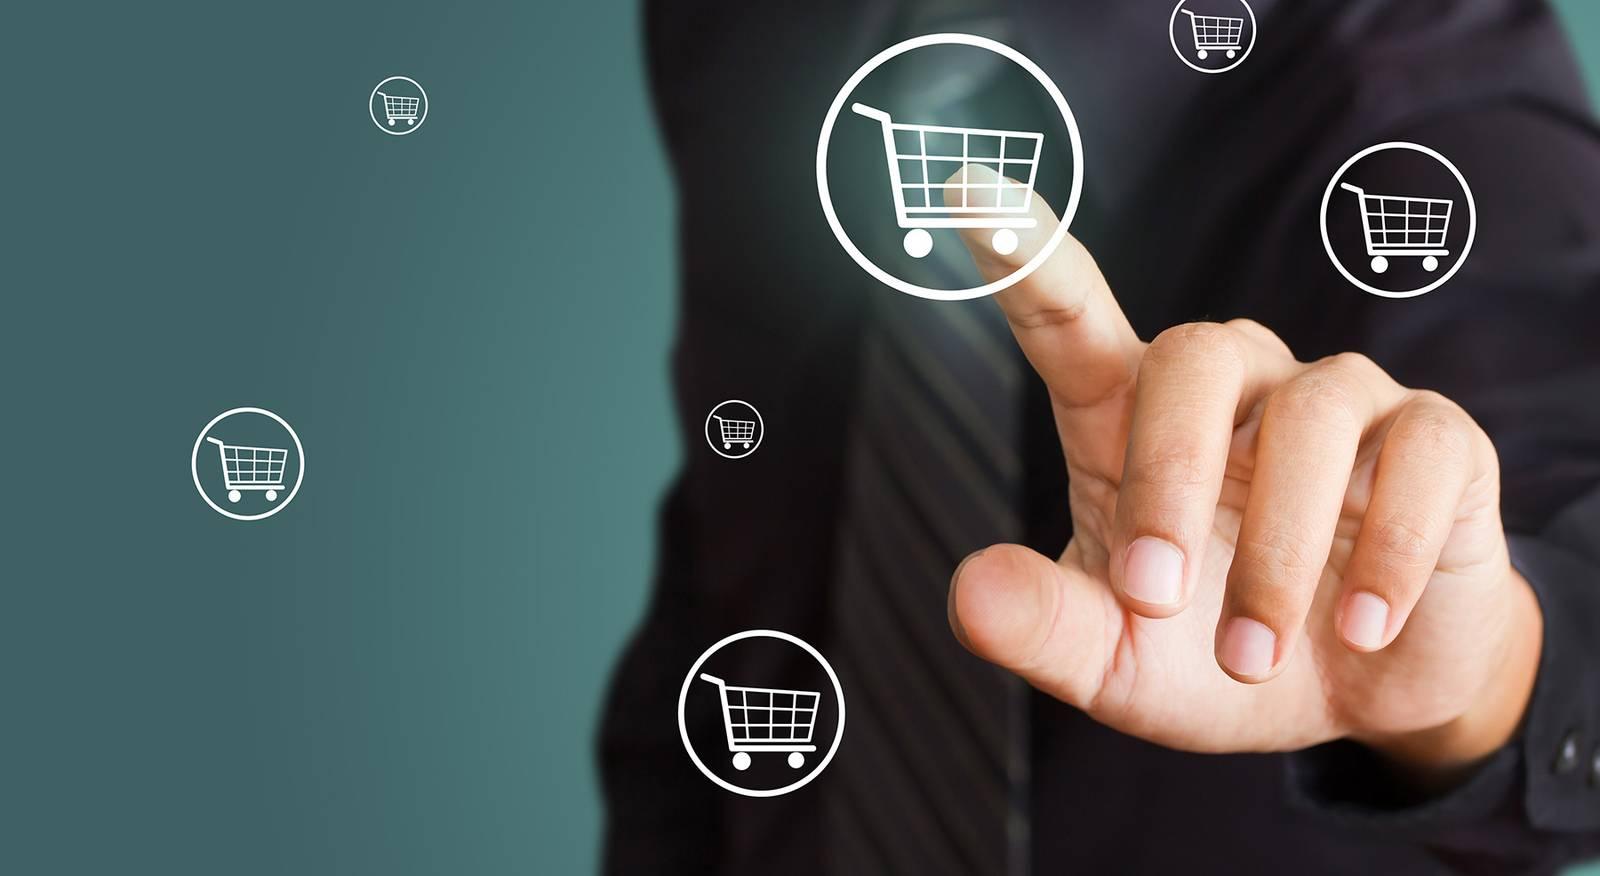 Chiến lược tìm nguồn cung là một lĩnh vực trở nên phổ biến trong giới cố vấn quản trị chuỗi cung ứng từ những năm cuối 1980 đầu năm 1990.